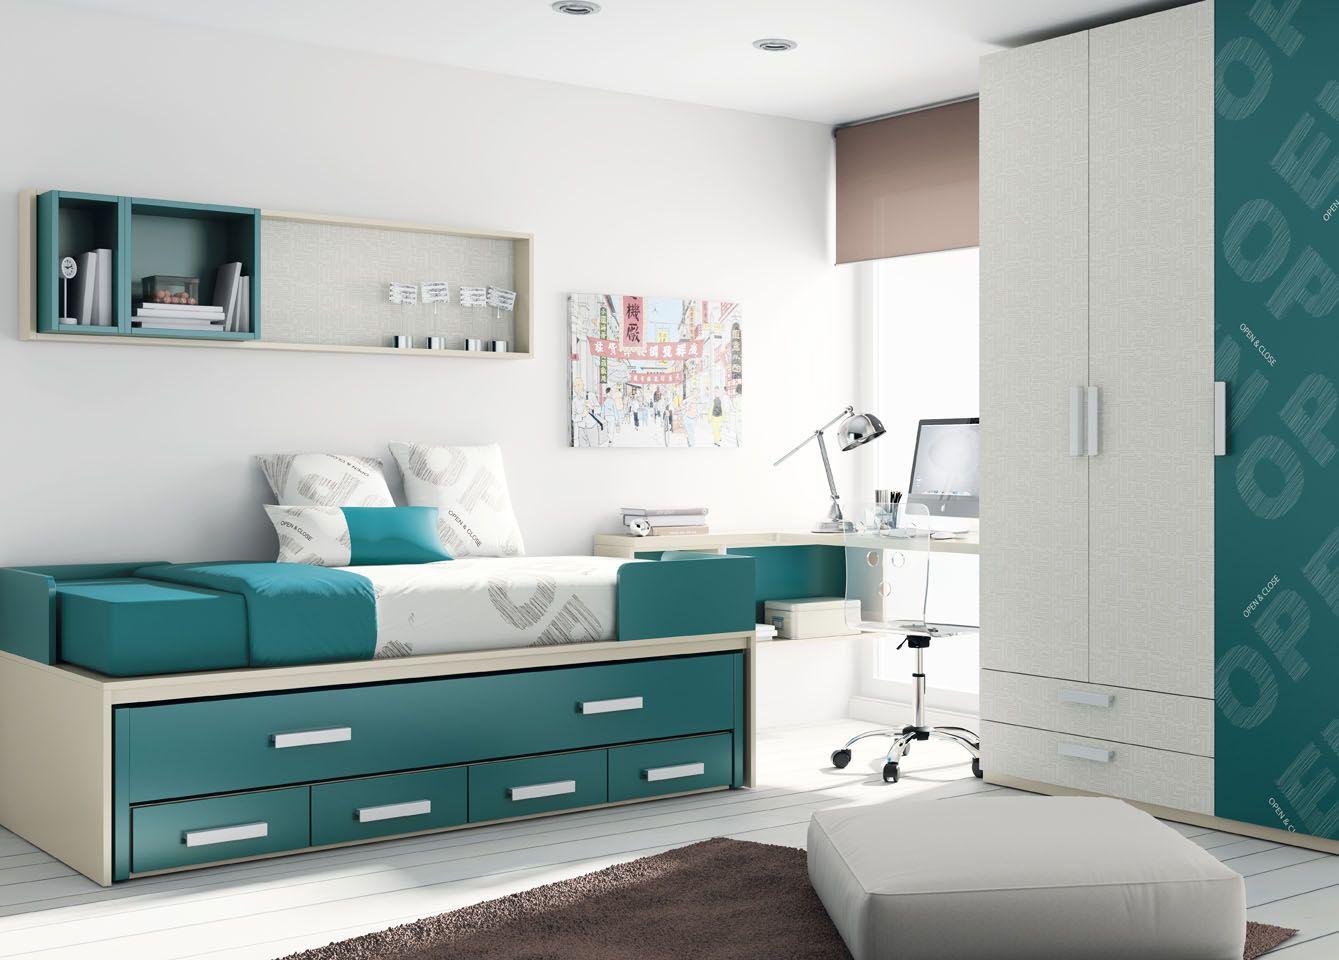 Habitaci n juvenil de muebles ros lo tiene todo - Muebles habitacion juvenil ...